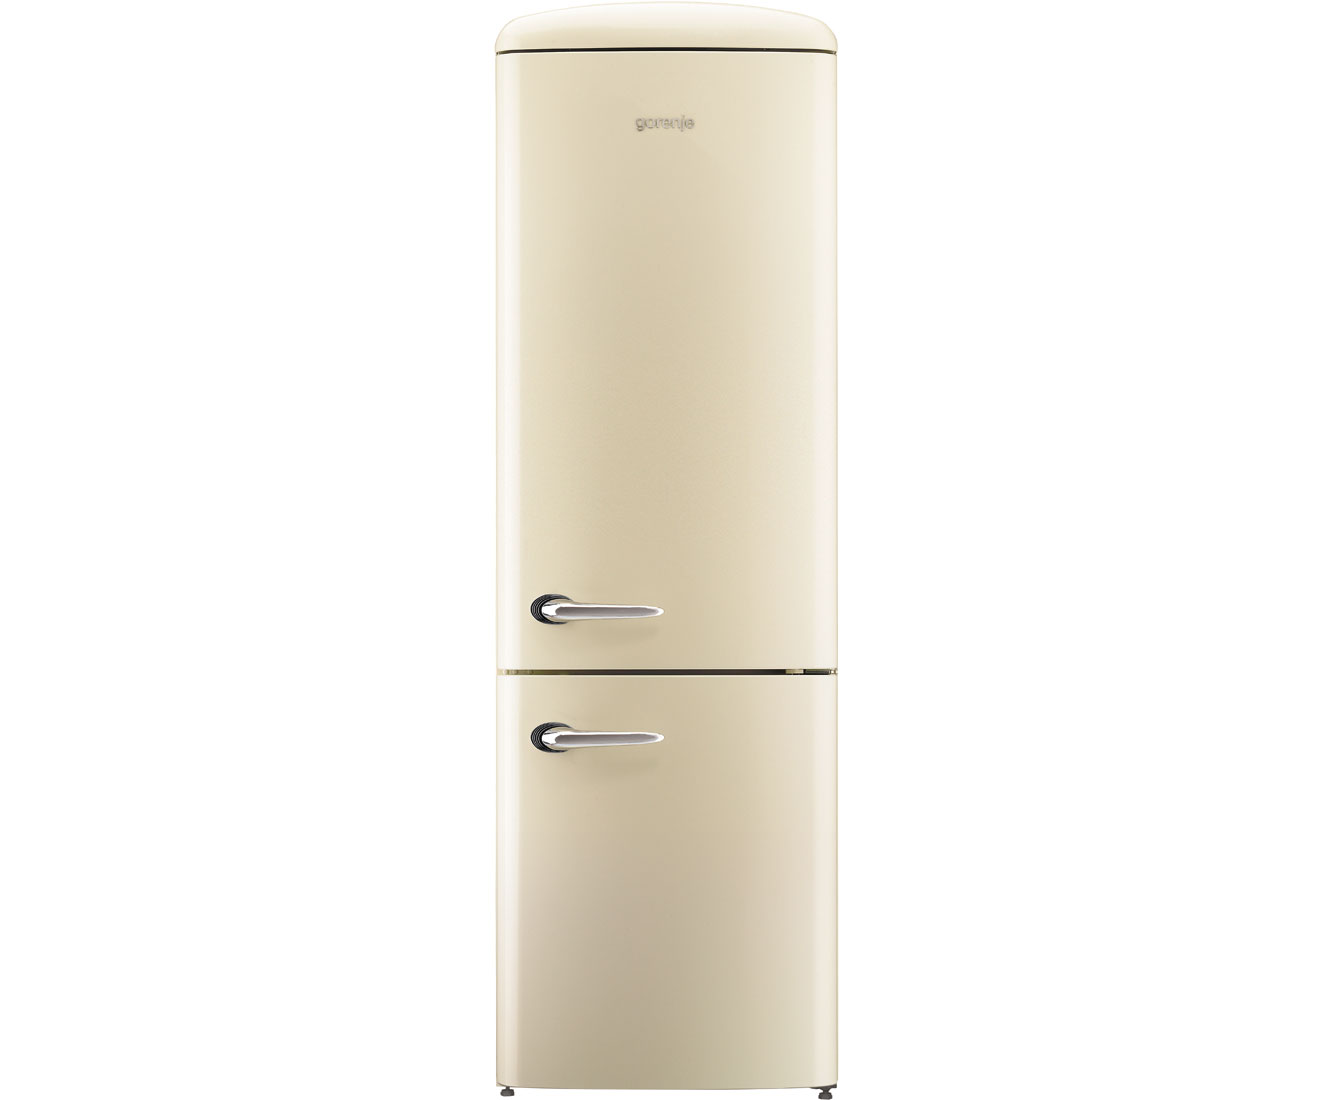 Gorenje Kühlschrank Xxl : Gorenje kühlschrank gefrierkombination kühlschrank